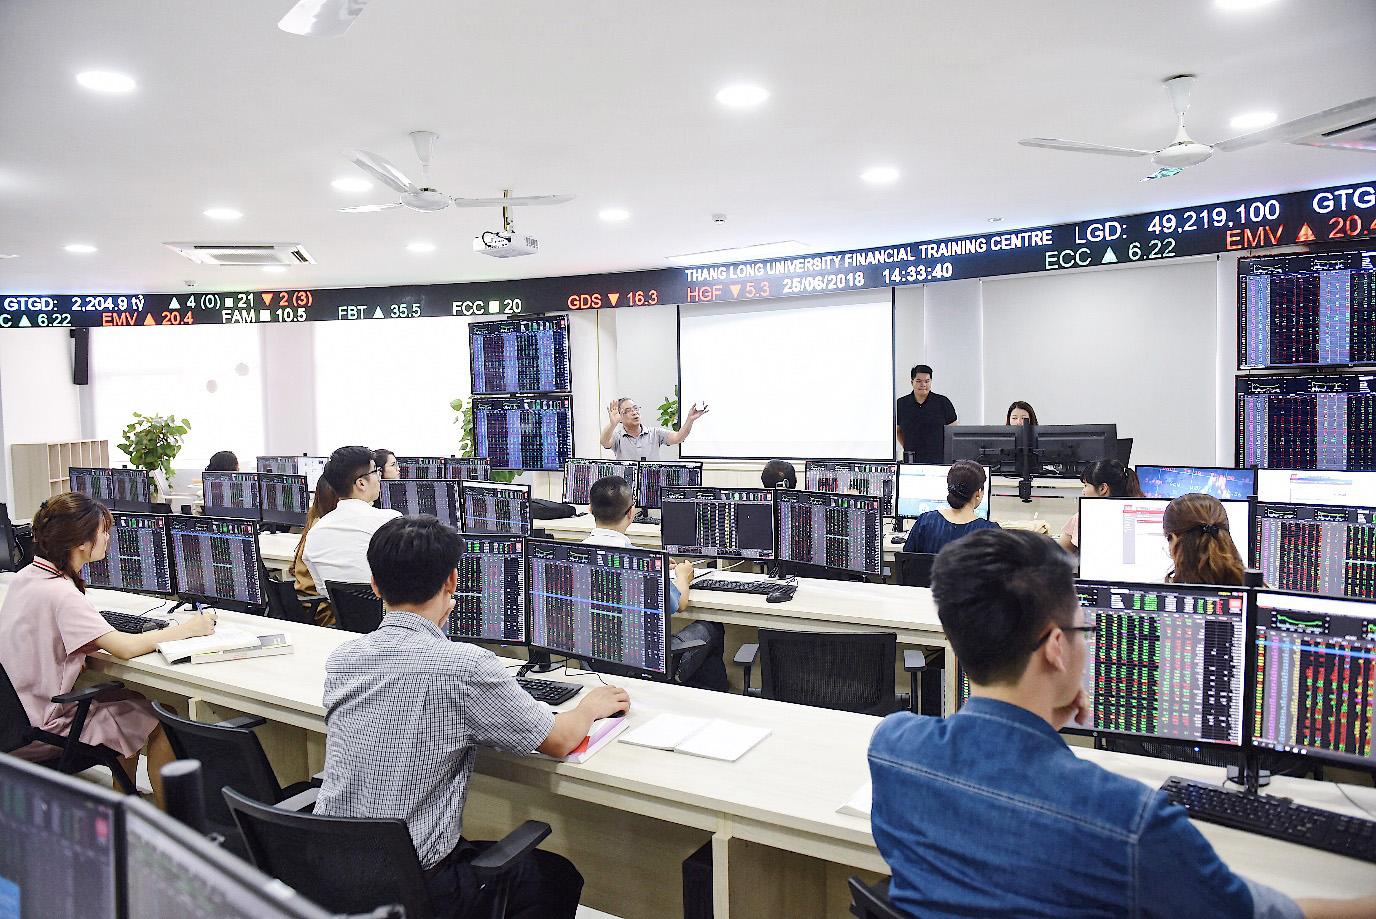 Trung tâm Thực hành tài chính, một dạng phòng học mô phỏng dành cho sinh viên khối ngành Kinh tế - Quản lý, vừa được Đại học Thăng Long đưa vào sử dụng từ giữa năm 2018. Ảnh: kenh14.vn